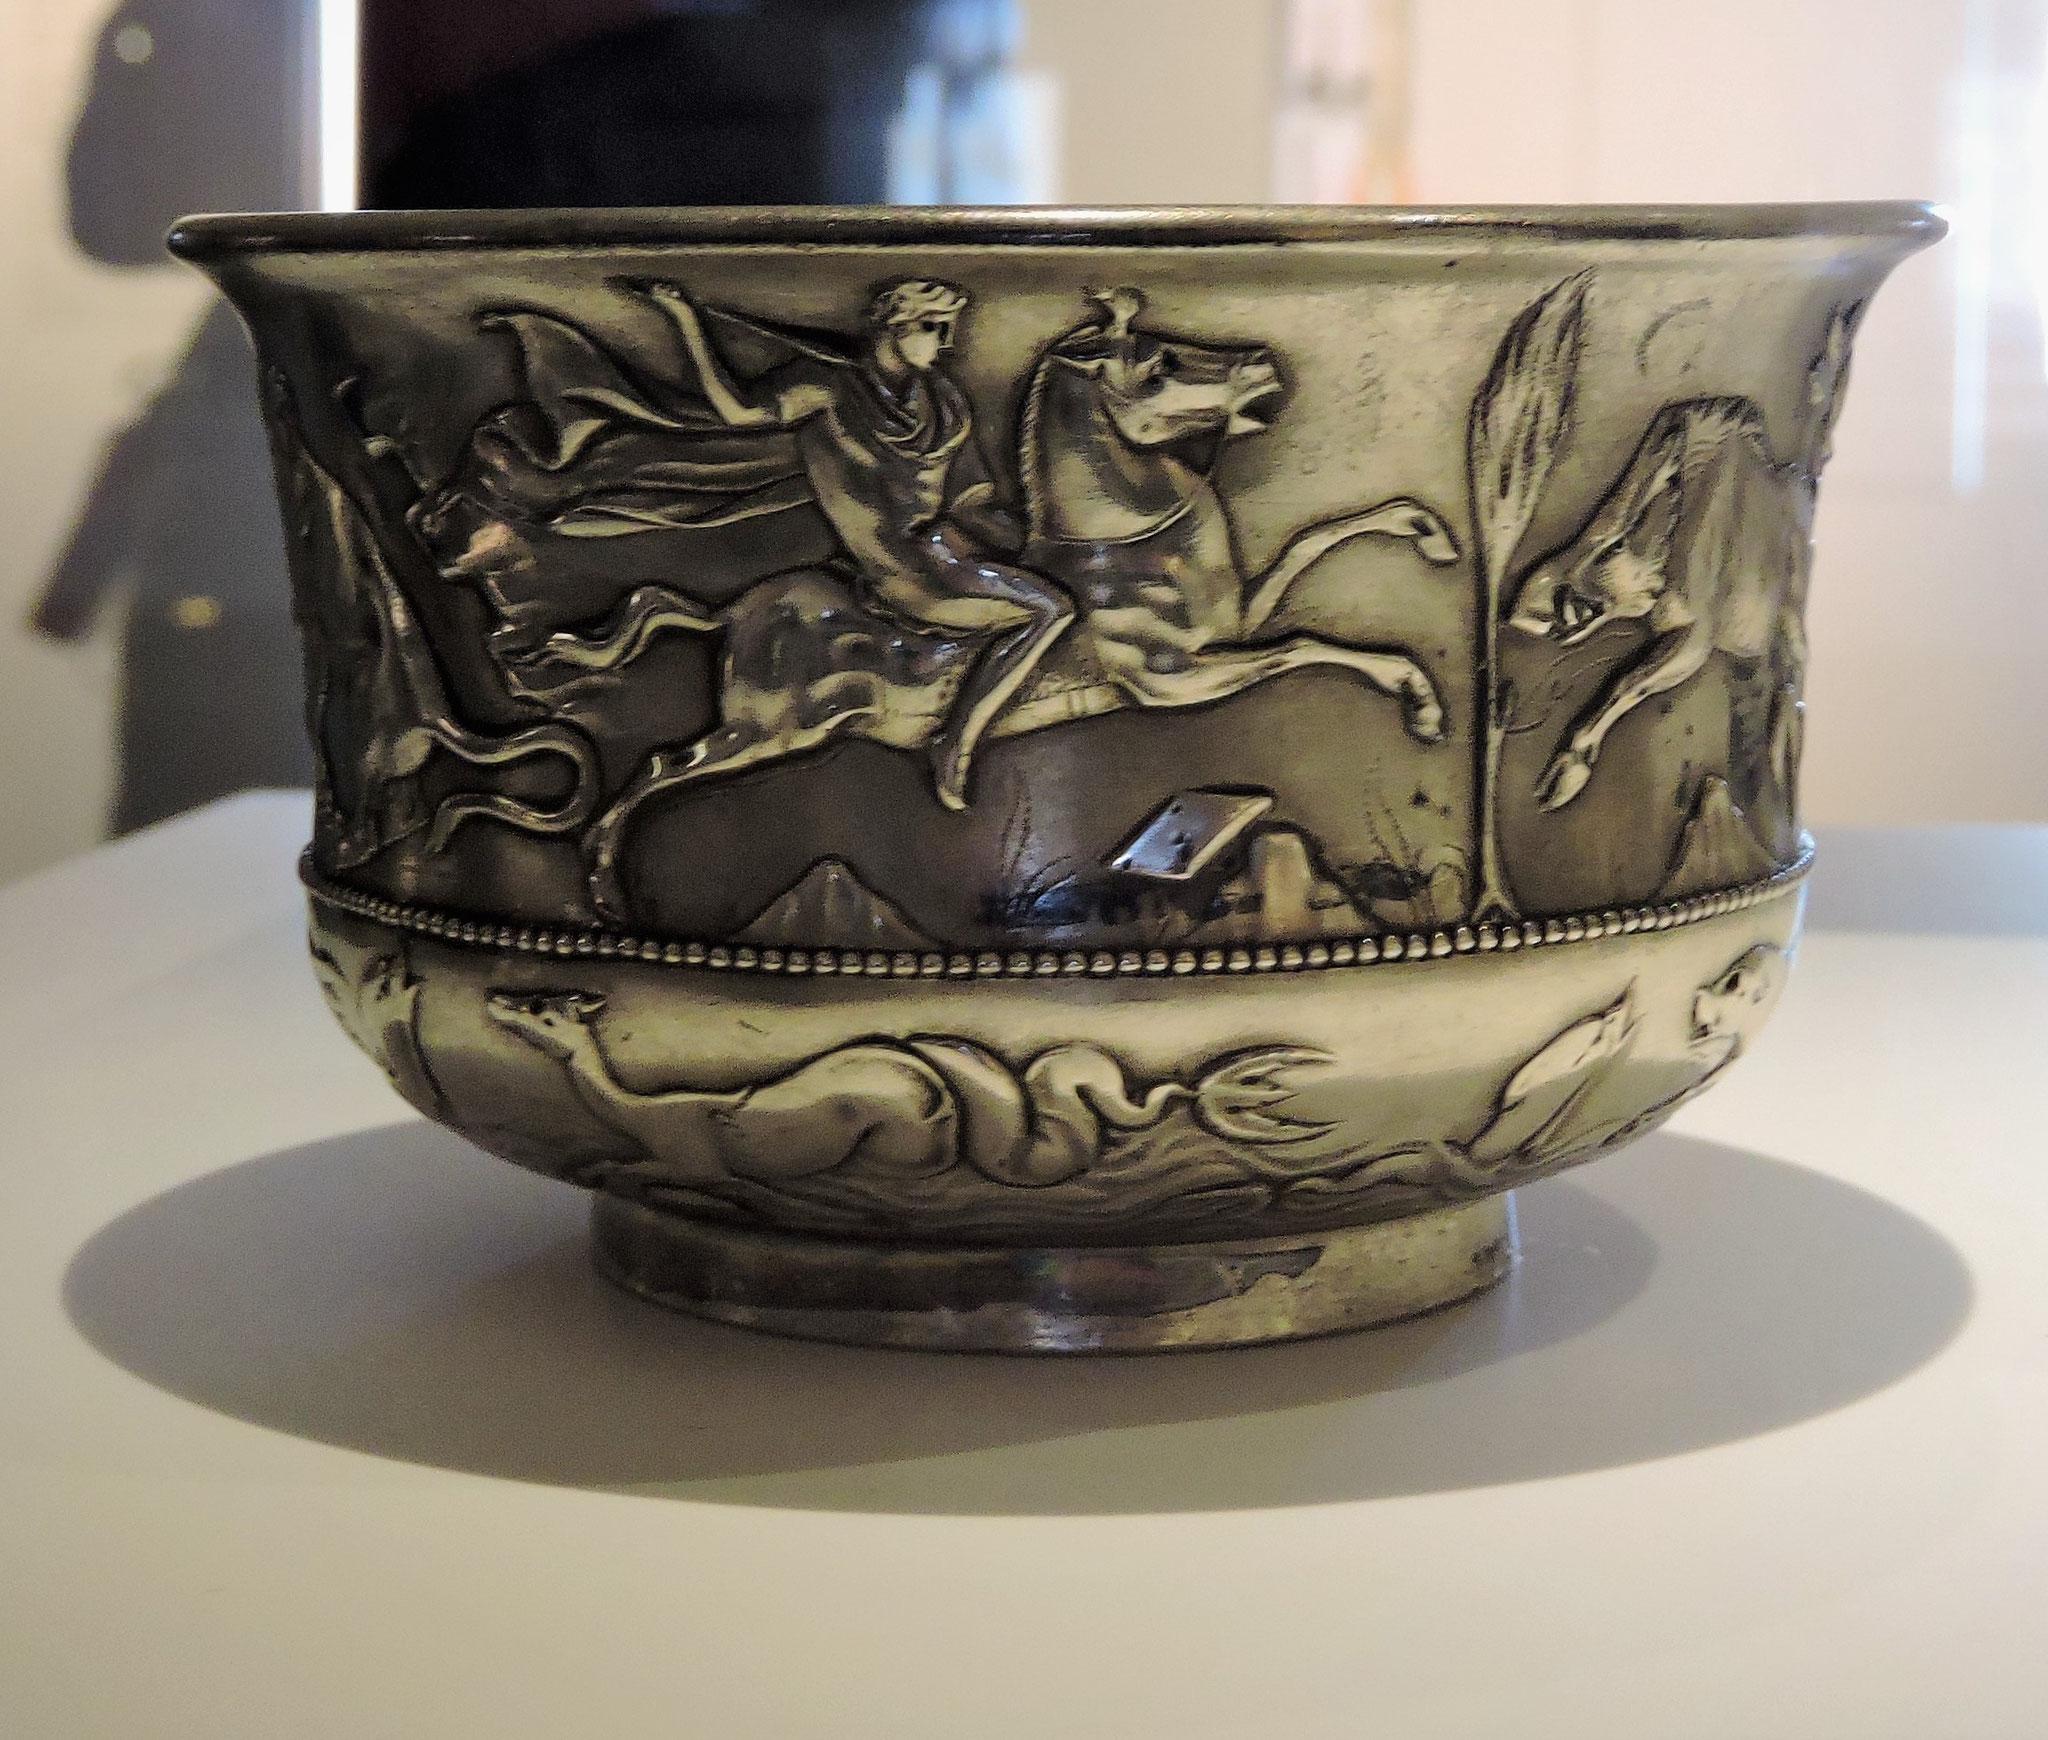 Silberschale aus einem Hortfund ©B. Bichler